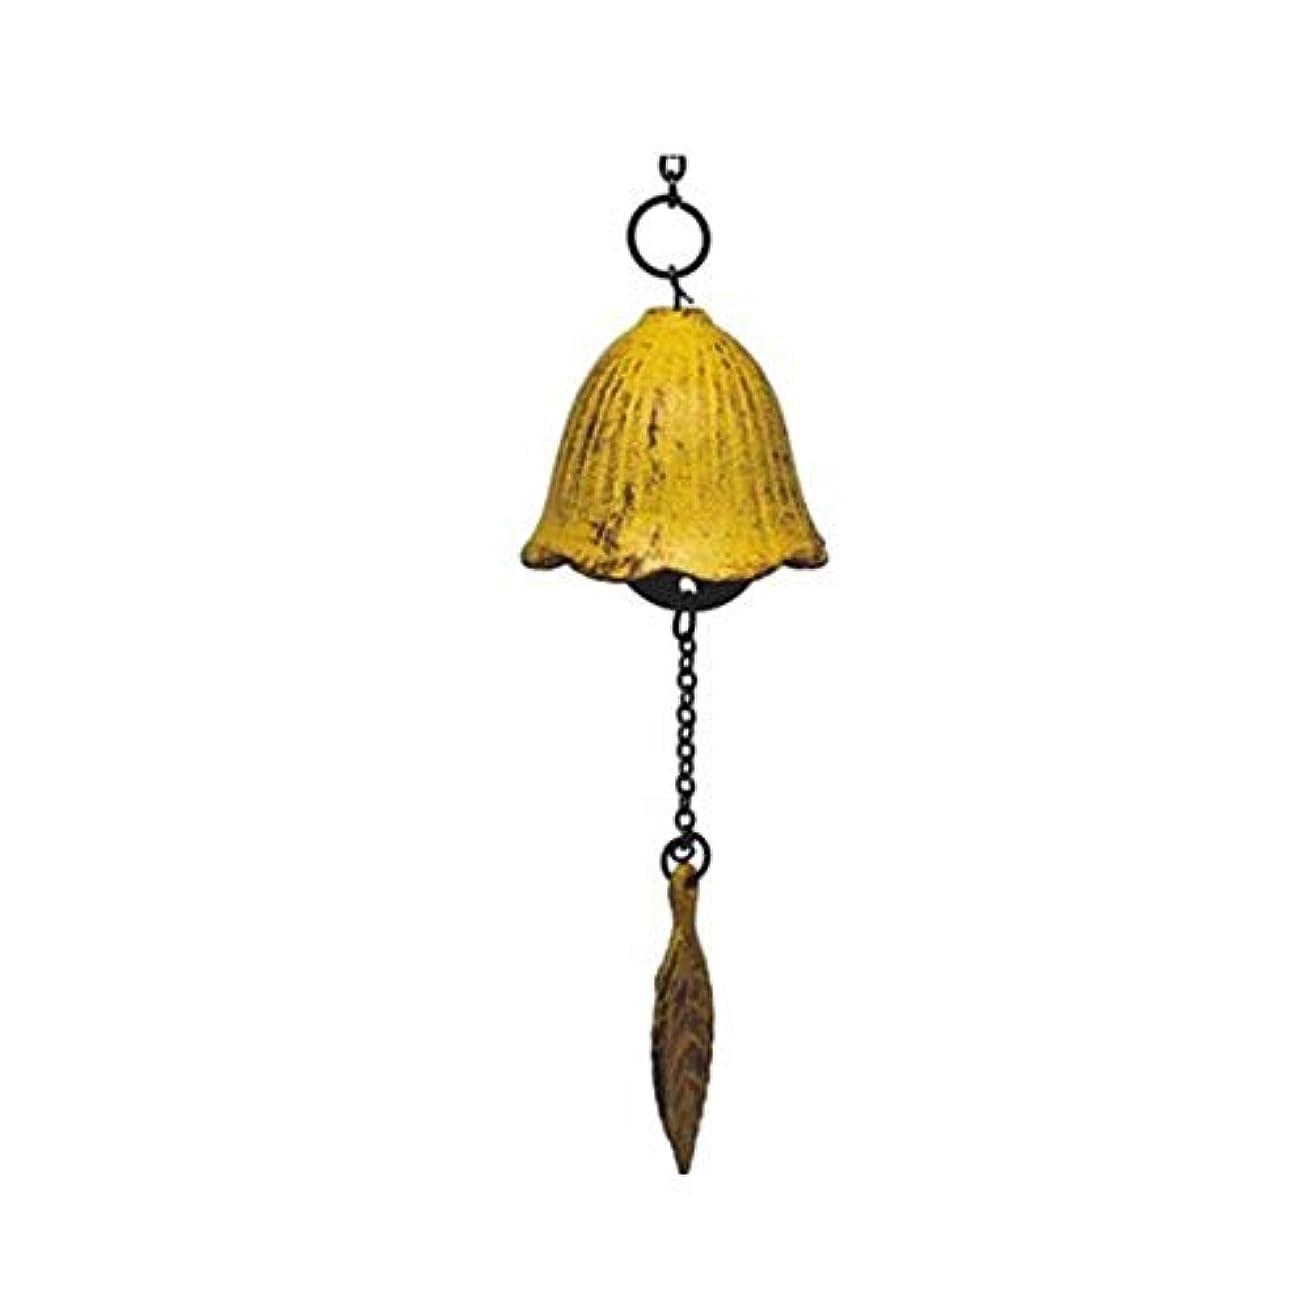 を通して低下アッティカス風チャイム、クローバーレトロ風チャイム、メタル風チャイム、ベッドルームバルコニーのドアの装飾 (Color : Yellow, Size : 5.5*5.0cm)